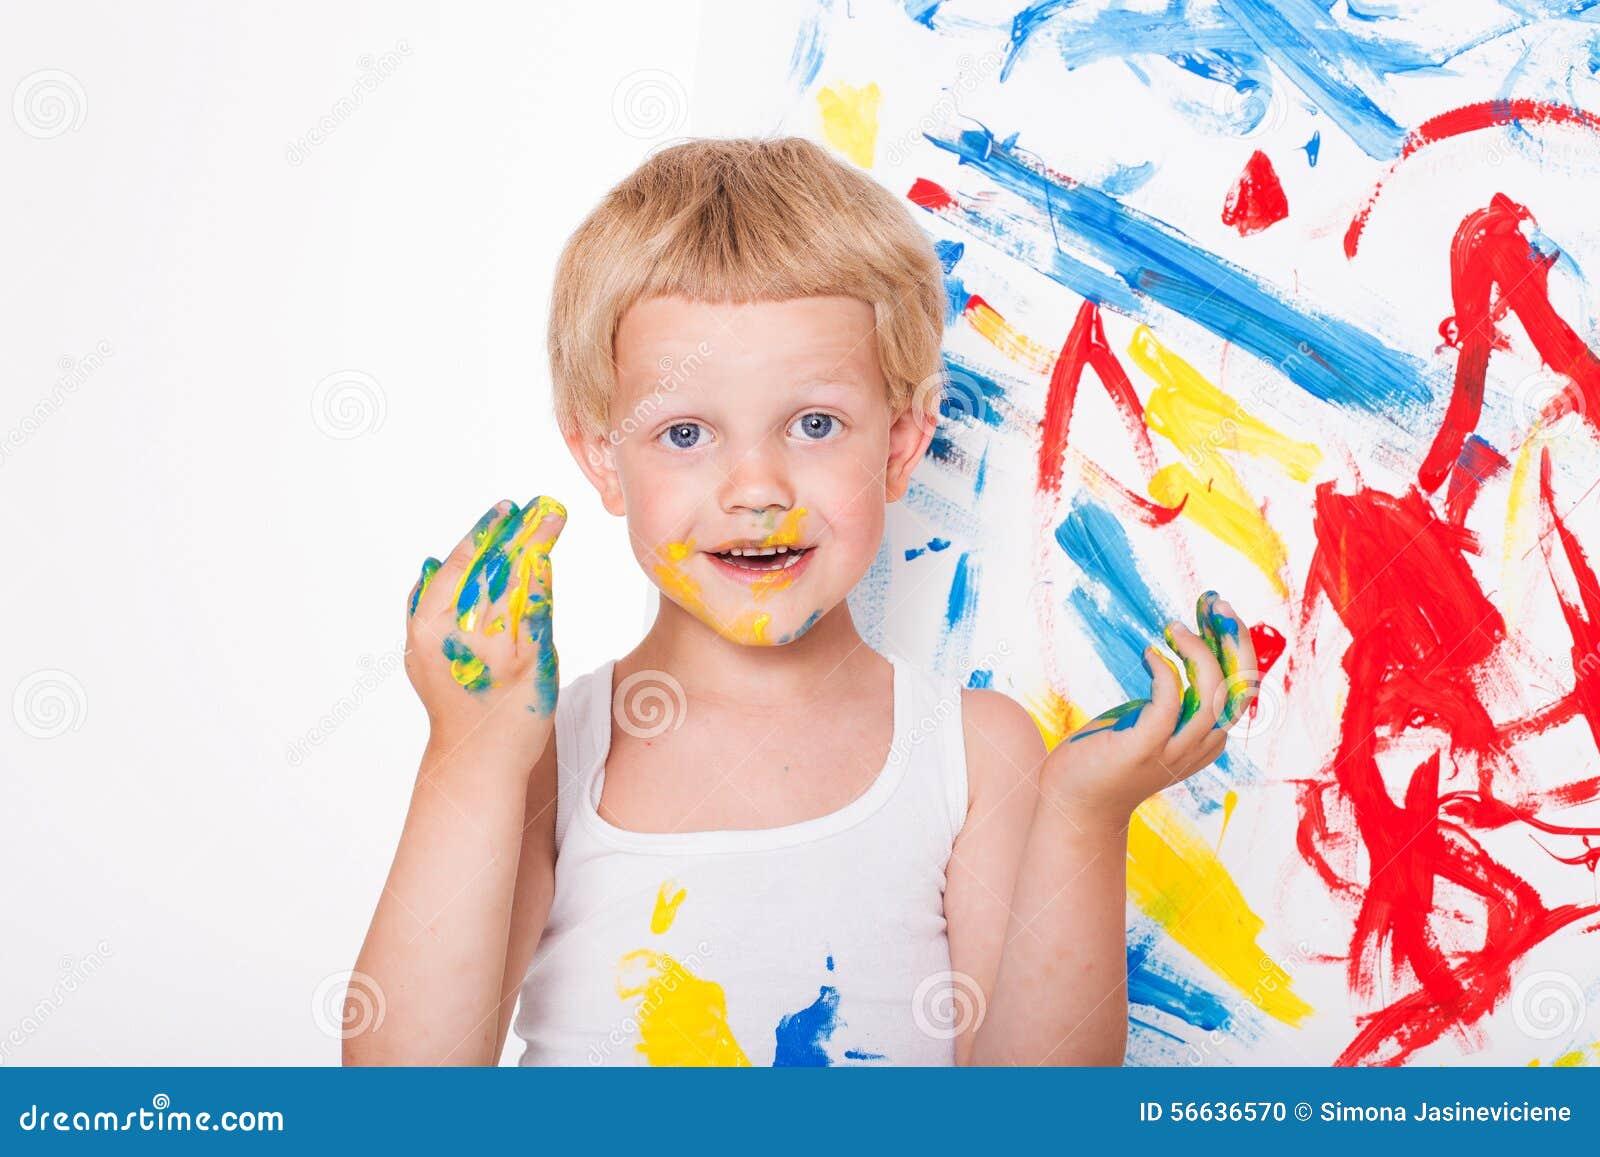 Peu d enfant dessine des couleurs lumineuses école précours Éducation créativité Portrait de studio au-dessus du fond blanc